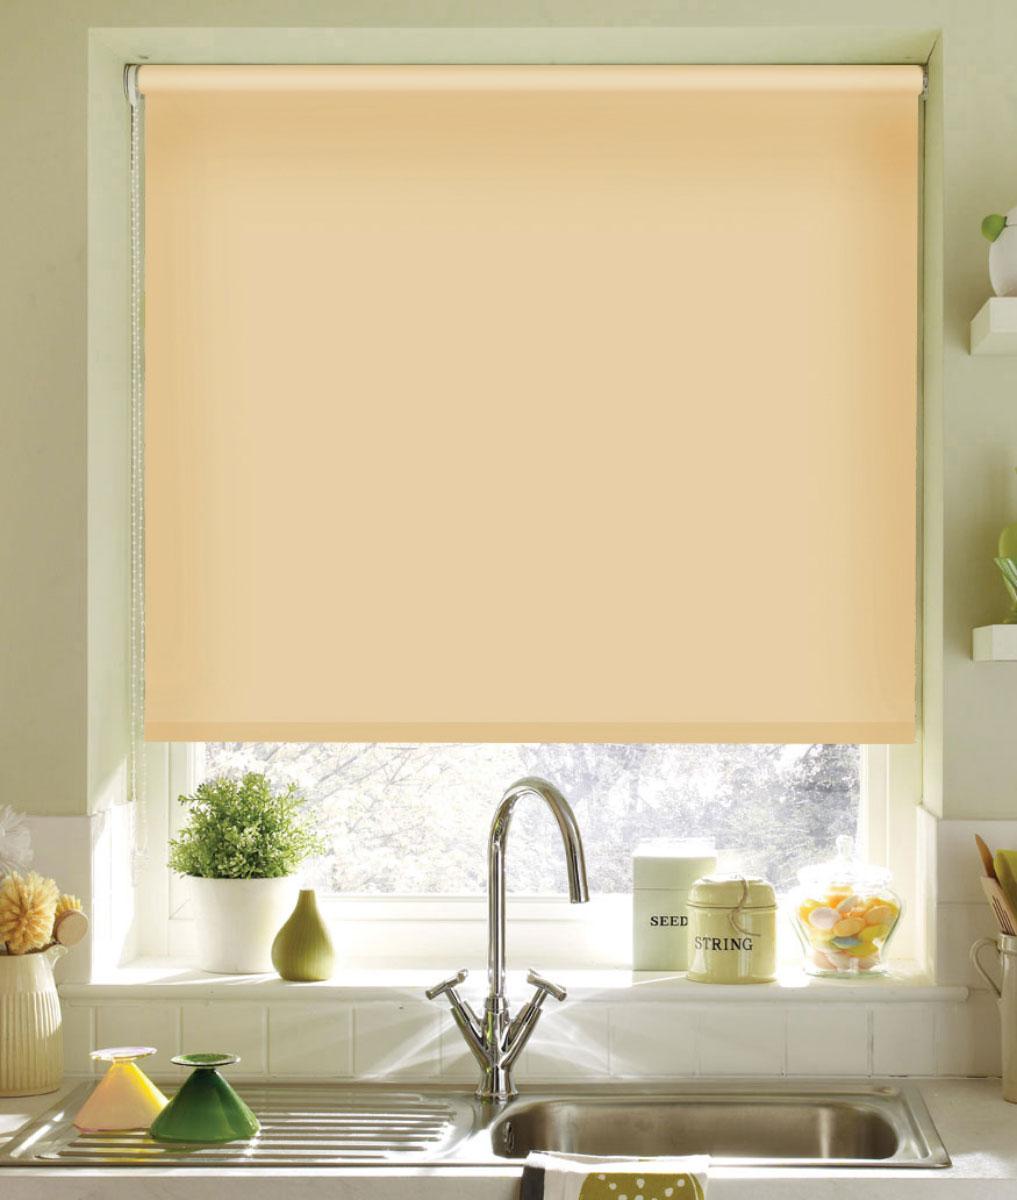 Миниролло KauffOrt 90х170 см, цвет: светлый абрикос3090112Рулонная штора Миниролло выполнена из высокопрочной ткани светло-абрикосового цвета, которая сохраняет свой размер даже при намокании. Ткань не выцветает и обладает отличной цветоустойчивостью. Миниролло - это подвид рулонных штор, который закрывает не весь оконный проем, а непосредственно само стекло. Такие шторы крепятся на раму без сверления при помощи зажимов или клейкой двухсторонней ленты. Окно остаётся на гарантии, благодаря монтажу без сверления. Такая штора станет прекрасным элементом декора окна и гармонично впишется в интерьер любого помещения.